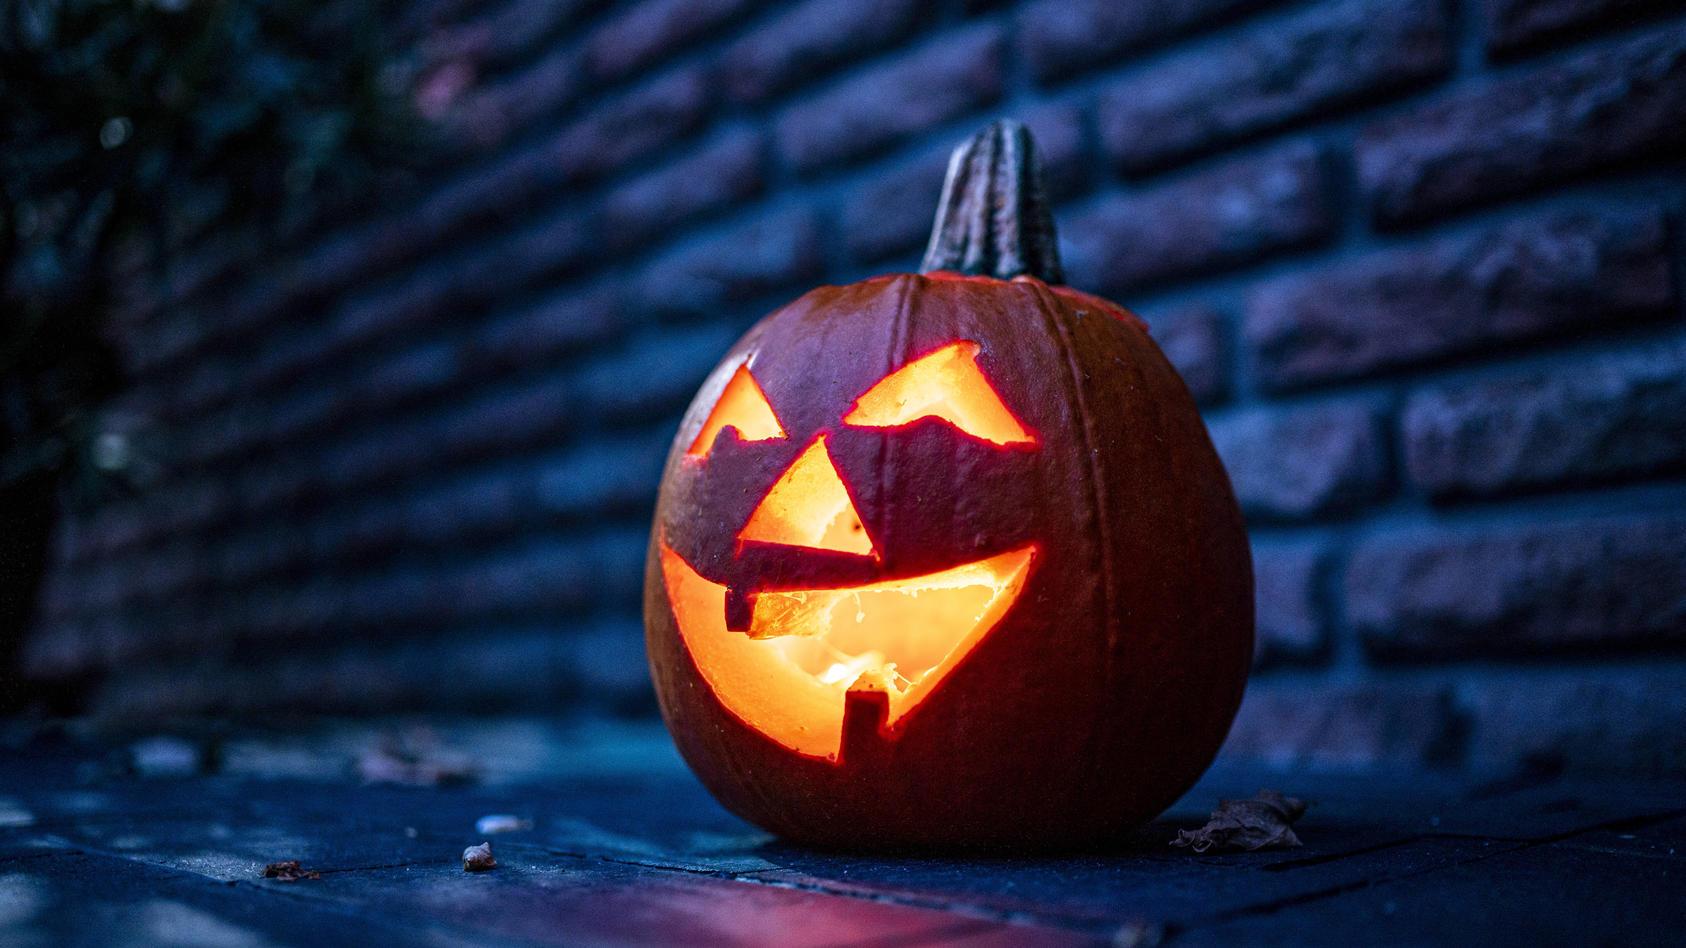 Wegen eines Streits um eine Halloween-Party hat ein Jugendlicher seinen Kumpel mit einem Messer verletzt. (Symbolbild)